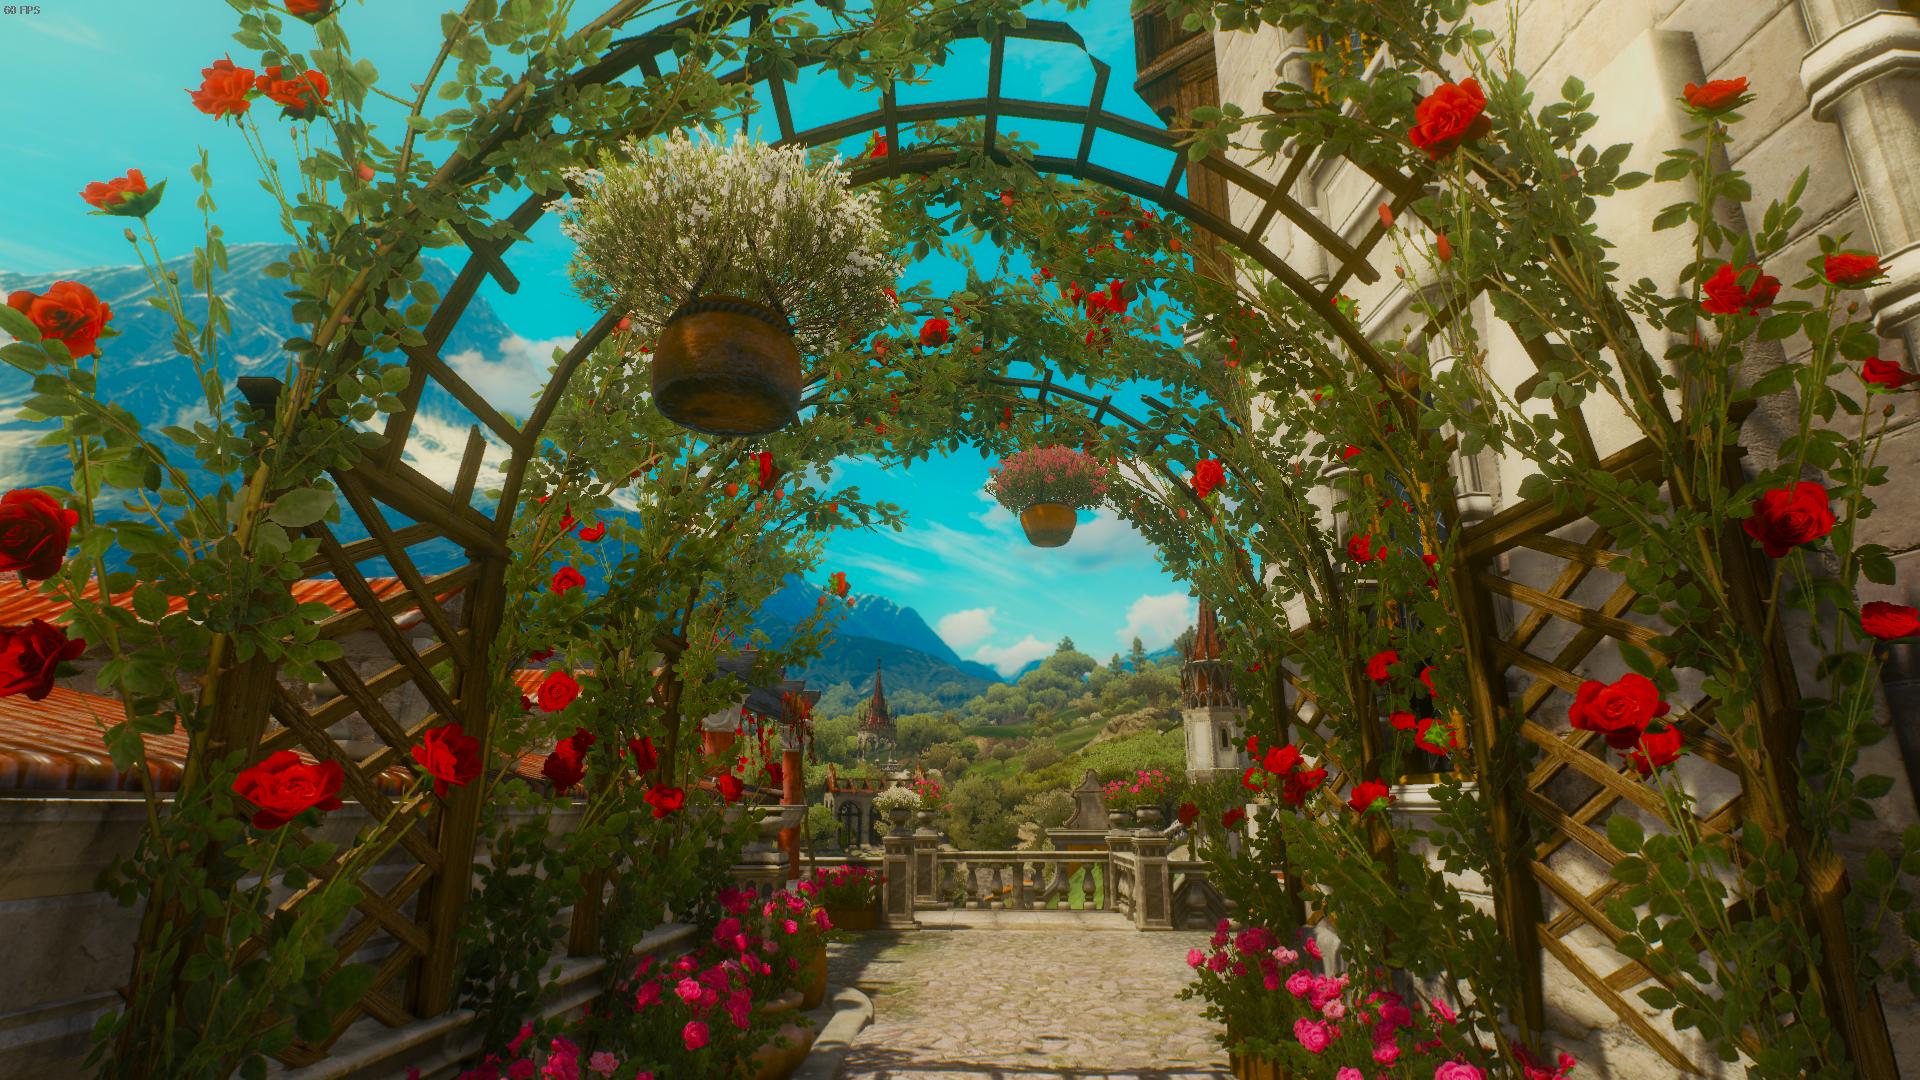 Oran - Witcher 3: Wild Hunt, the